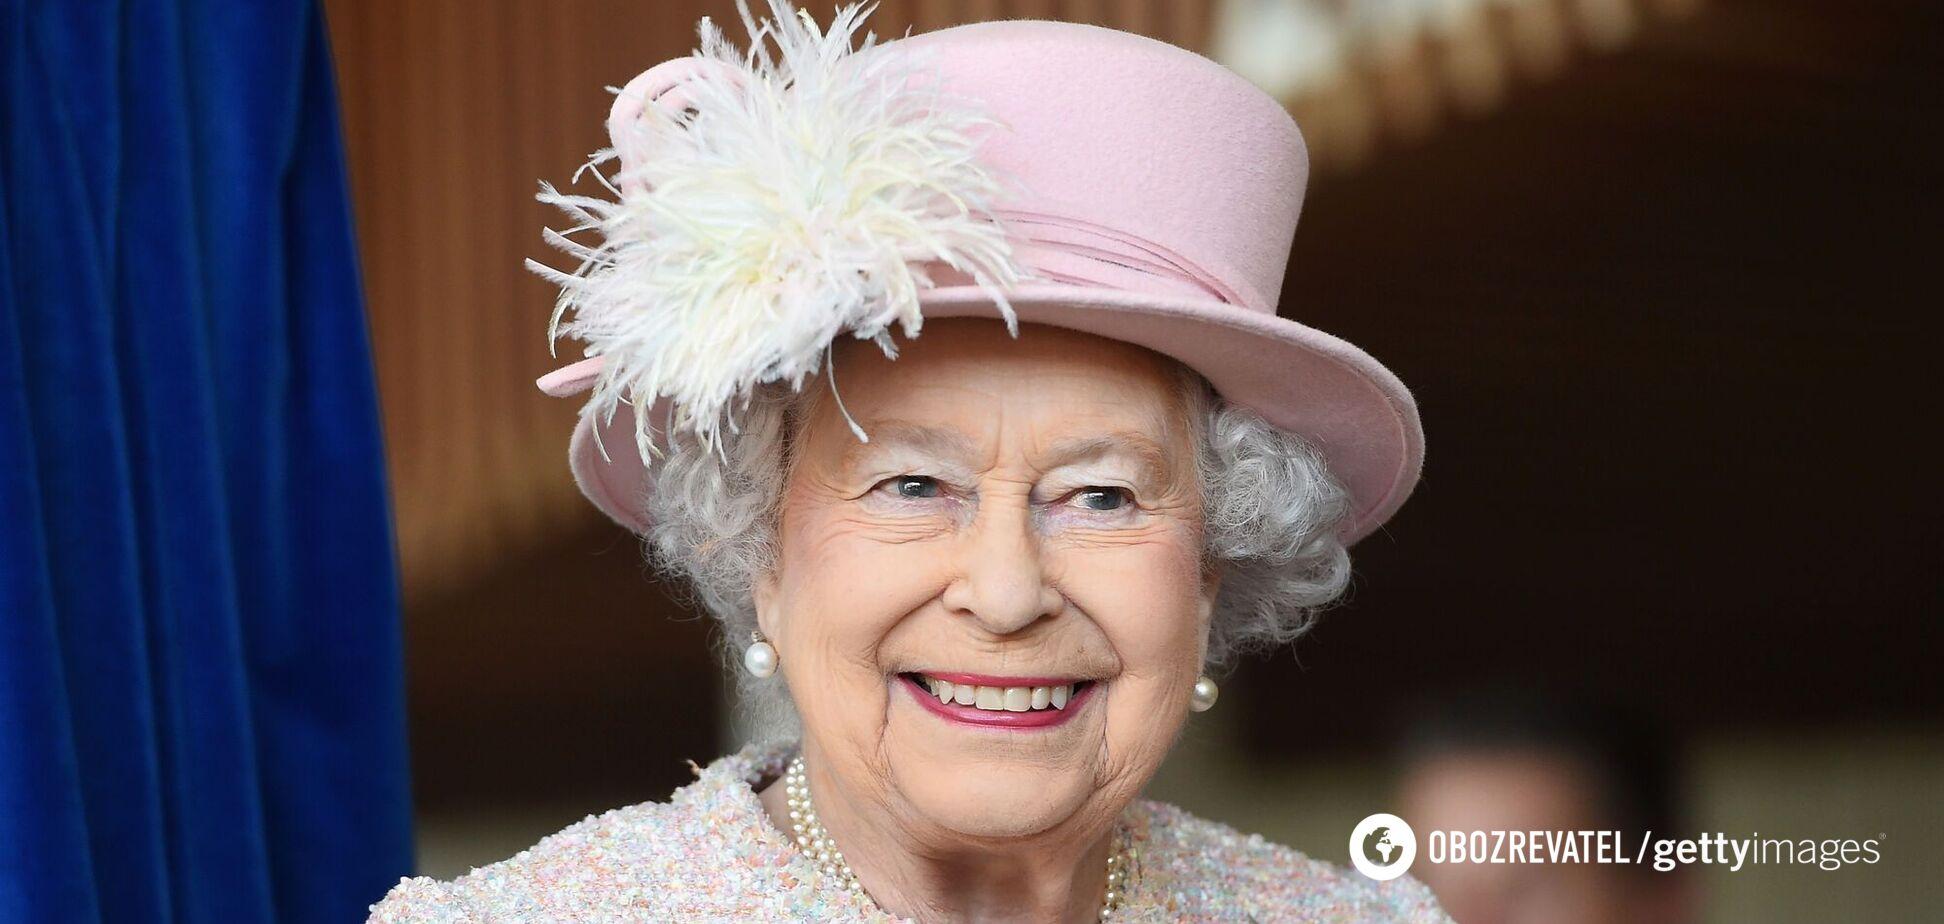 Єлизавета II зізналася, що може змусити її відмовитися від королівських обов'язків